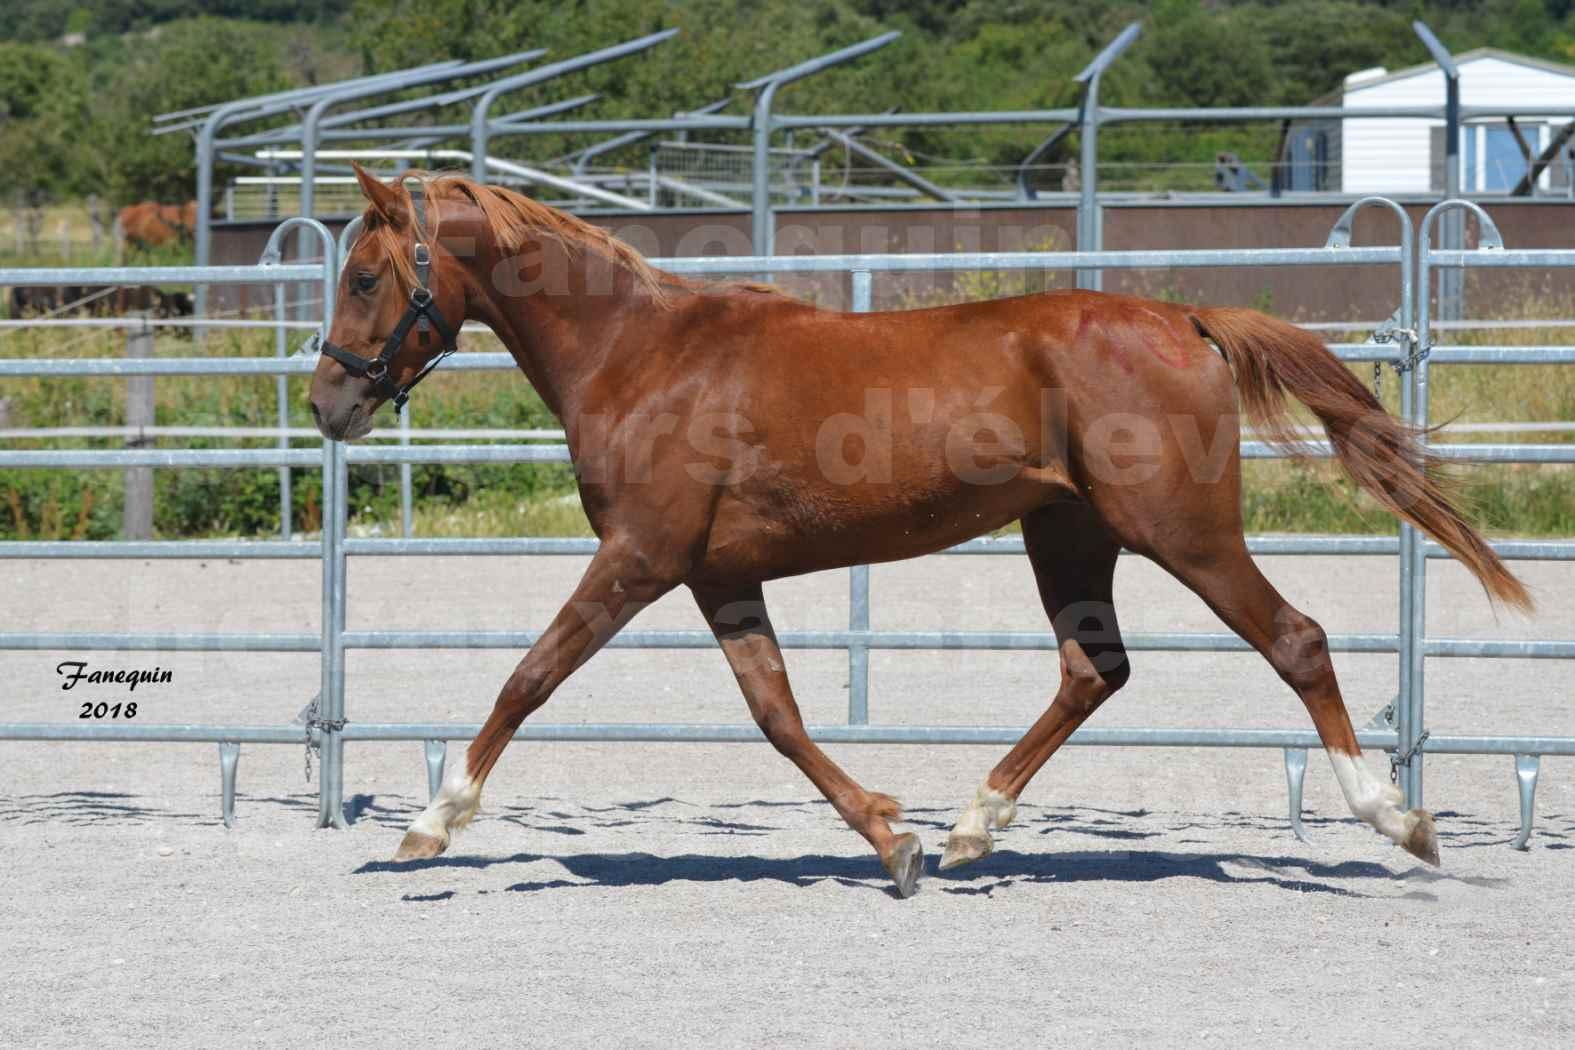 Concours d'Elevage de chevaux Arabes  le 27 juin 2018 à la BOISSIERE - FINLEY DES DOLINES - 05